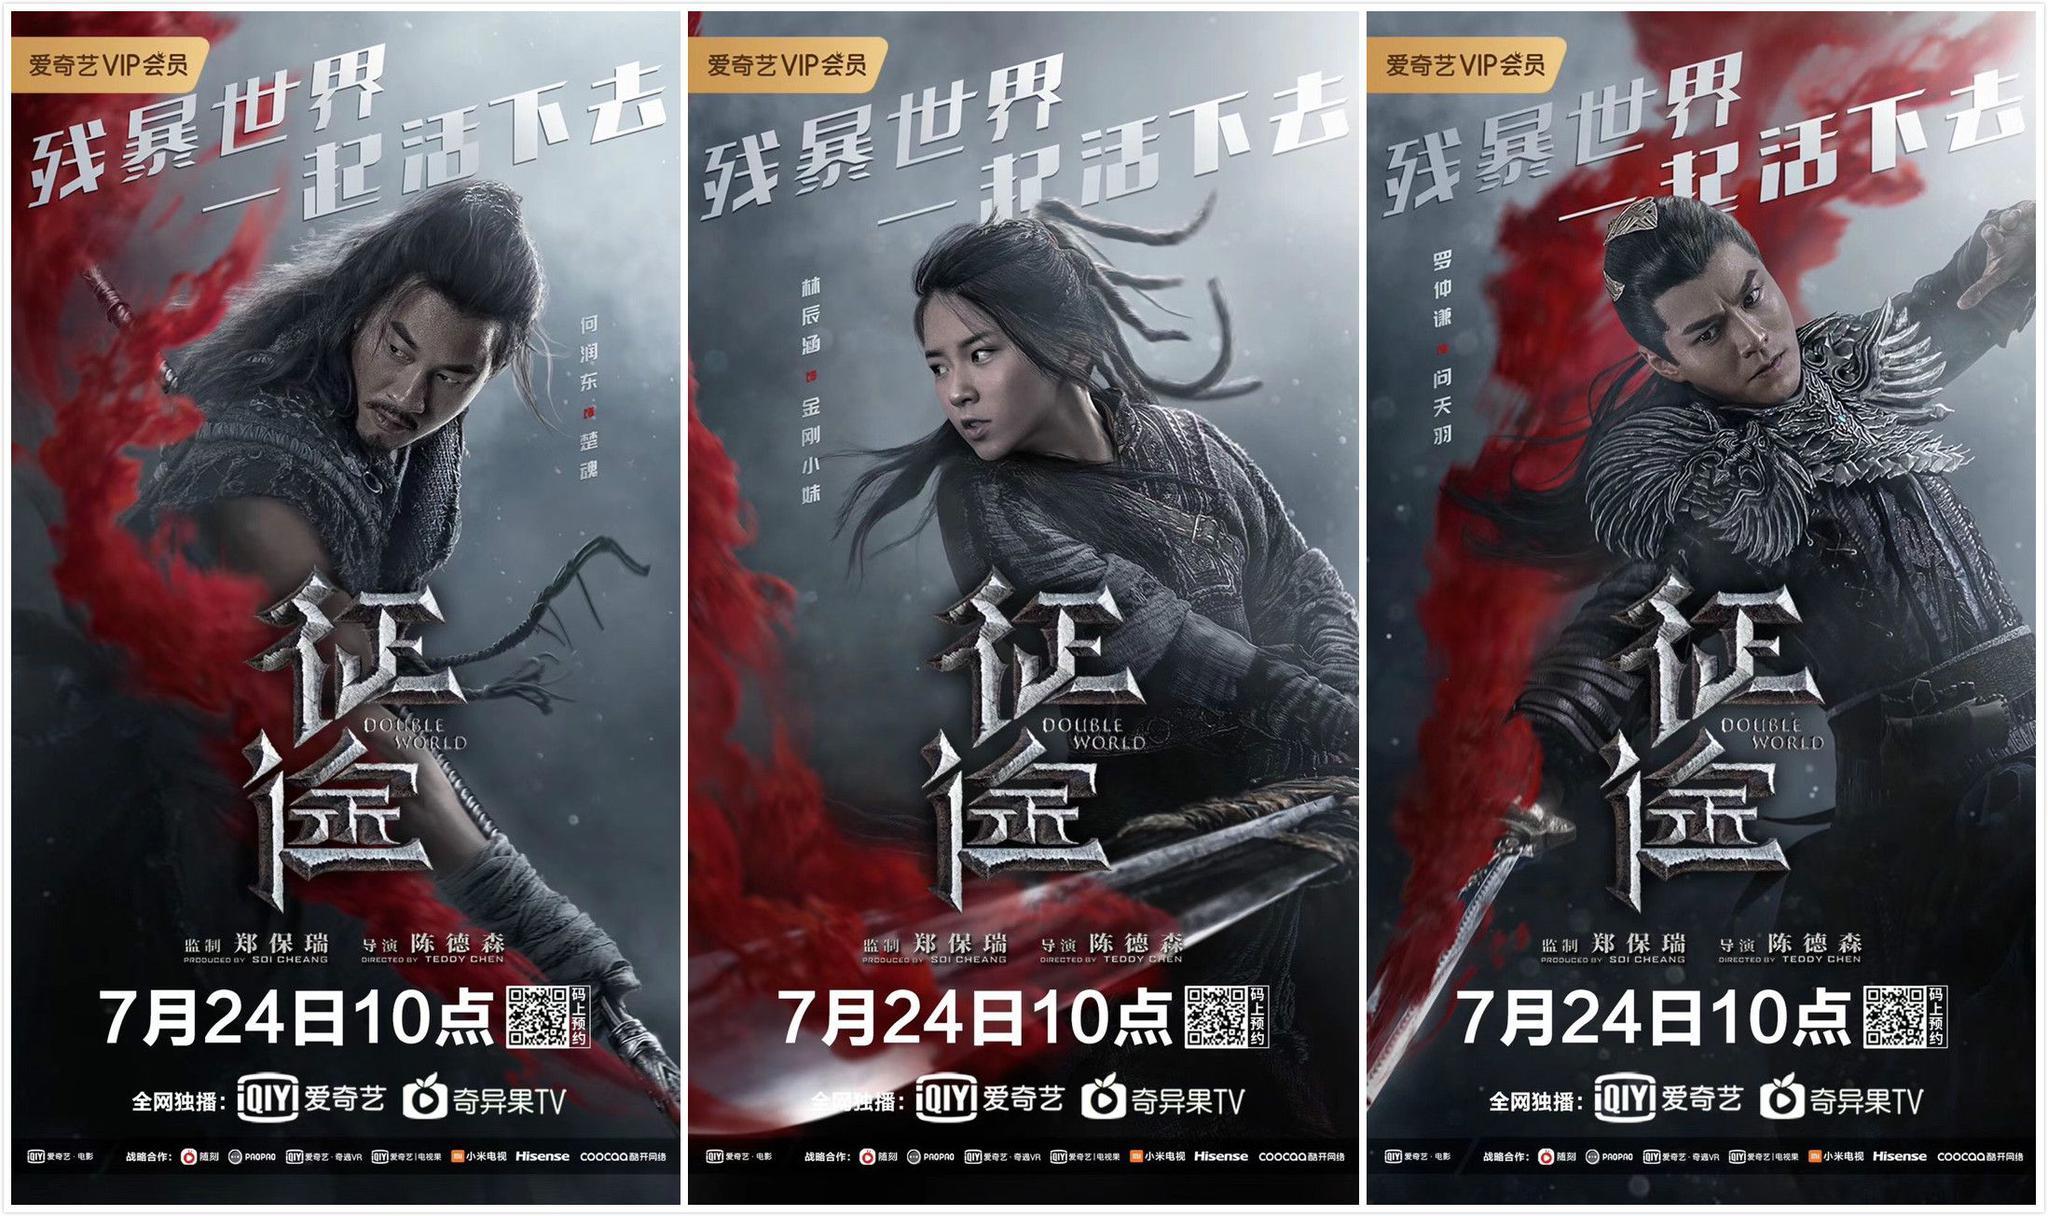 《征途》发布角色海报,奈飞购入海外海外版权图片